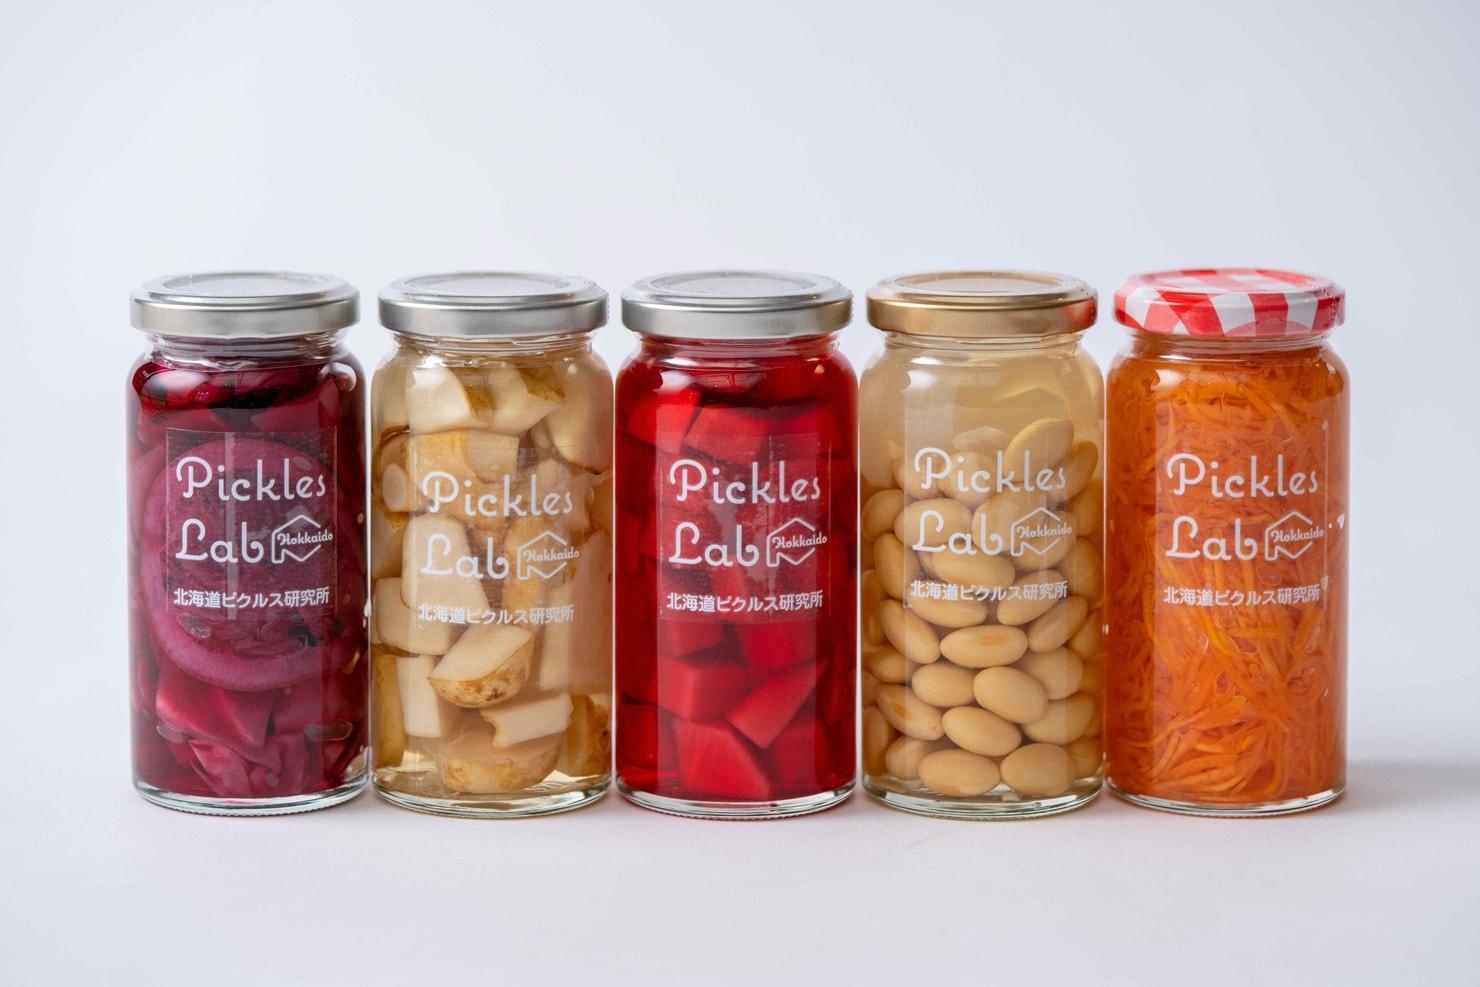 北海道の野菜を使った5種類のピクルス,瓶詰めピクルスギフト